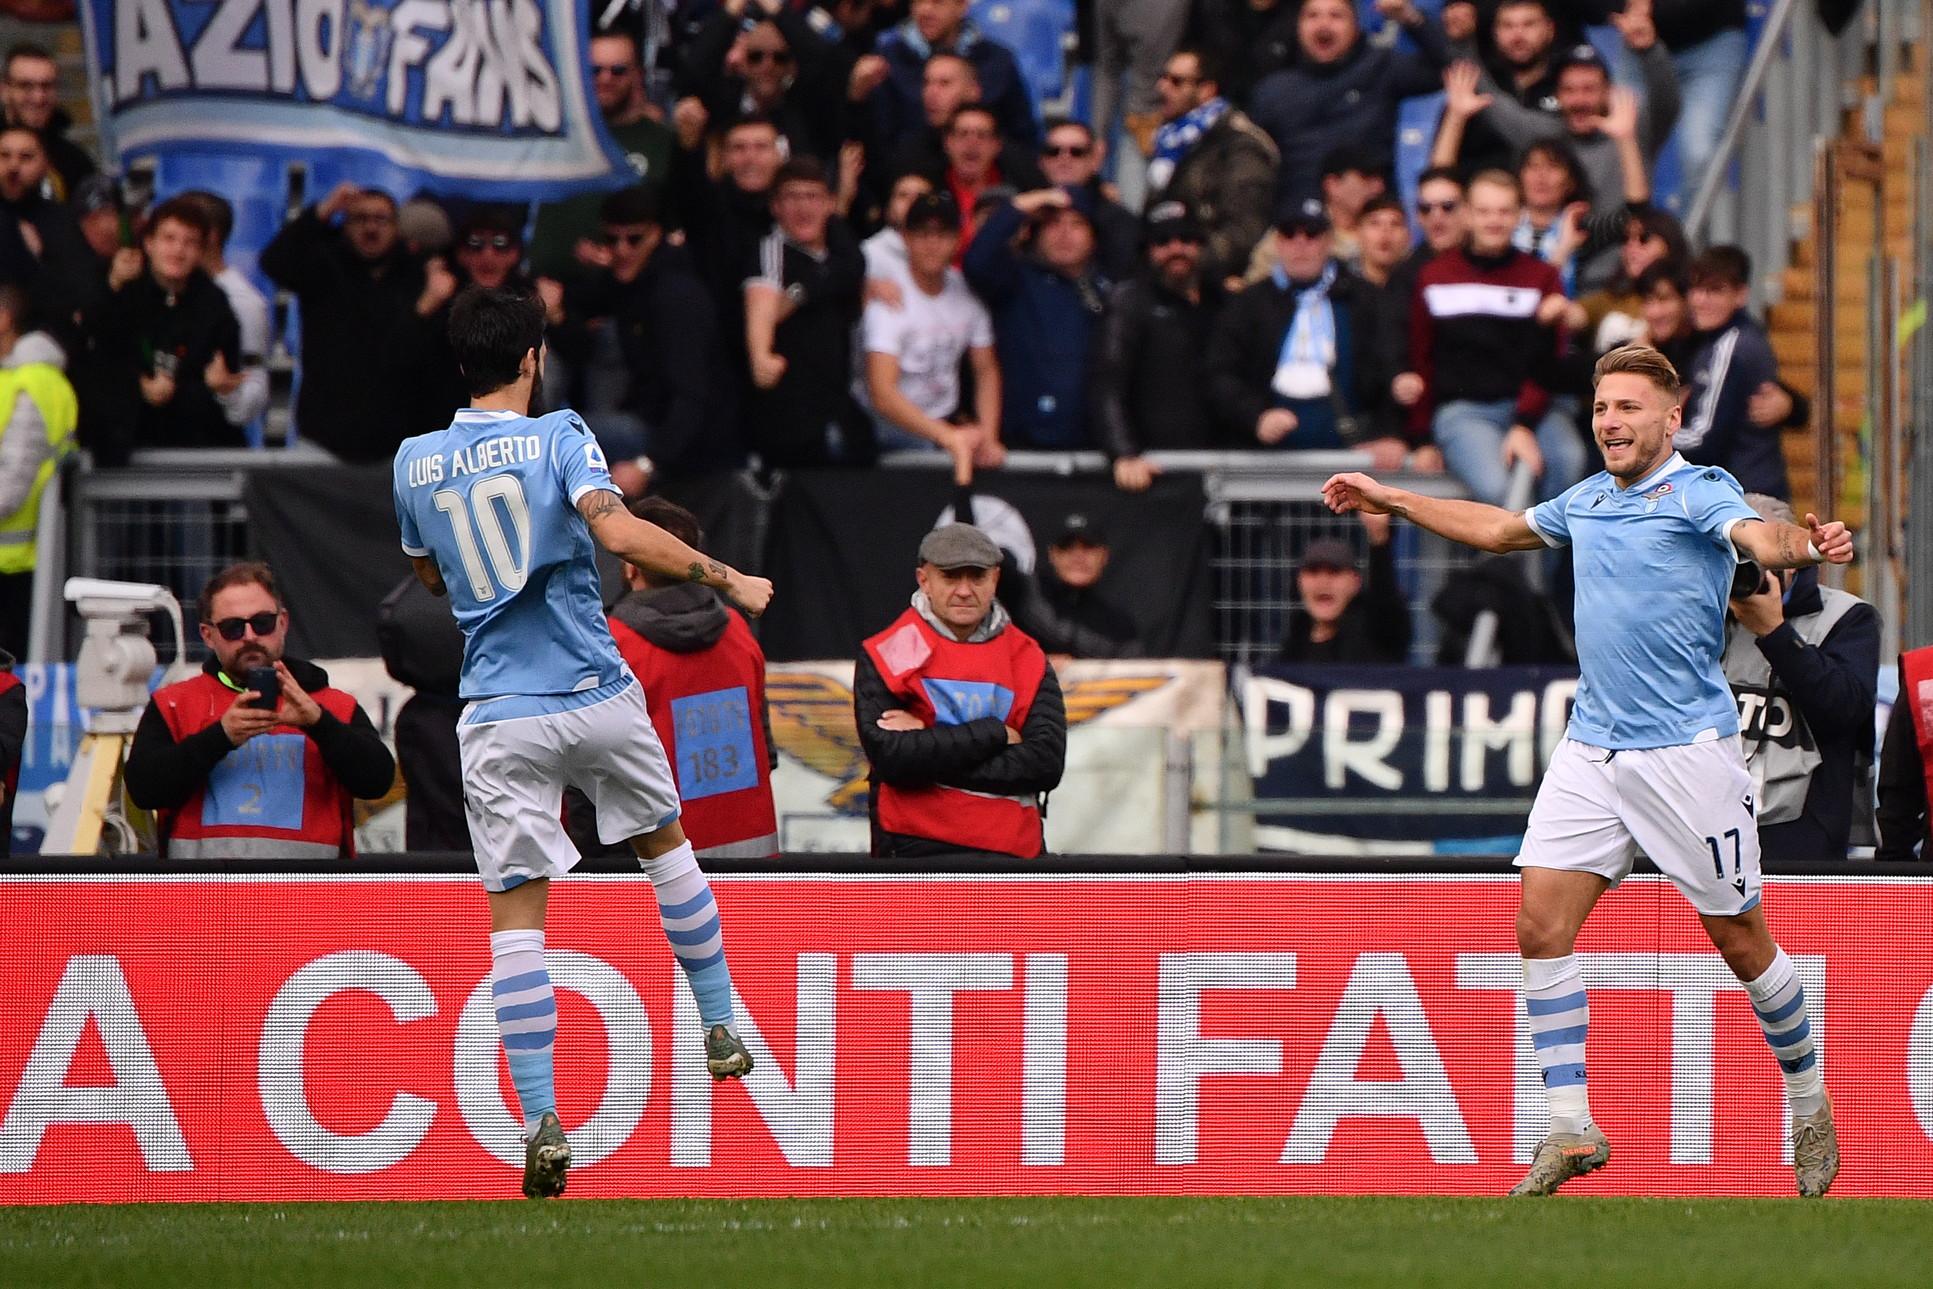 Basta un tempo alla Lazio per chiudere la pratica Udinese, che all'Olimpico viene travolta per 3-0. La squadra di Inzaghi va a segno con Immobile ...